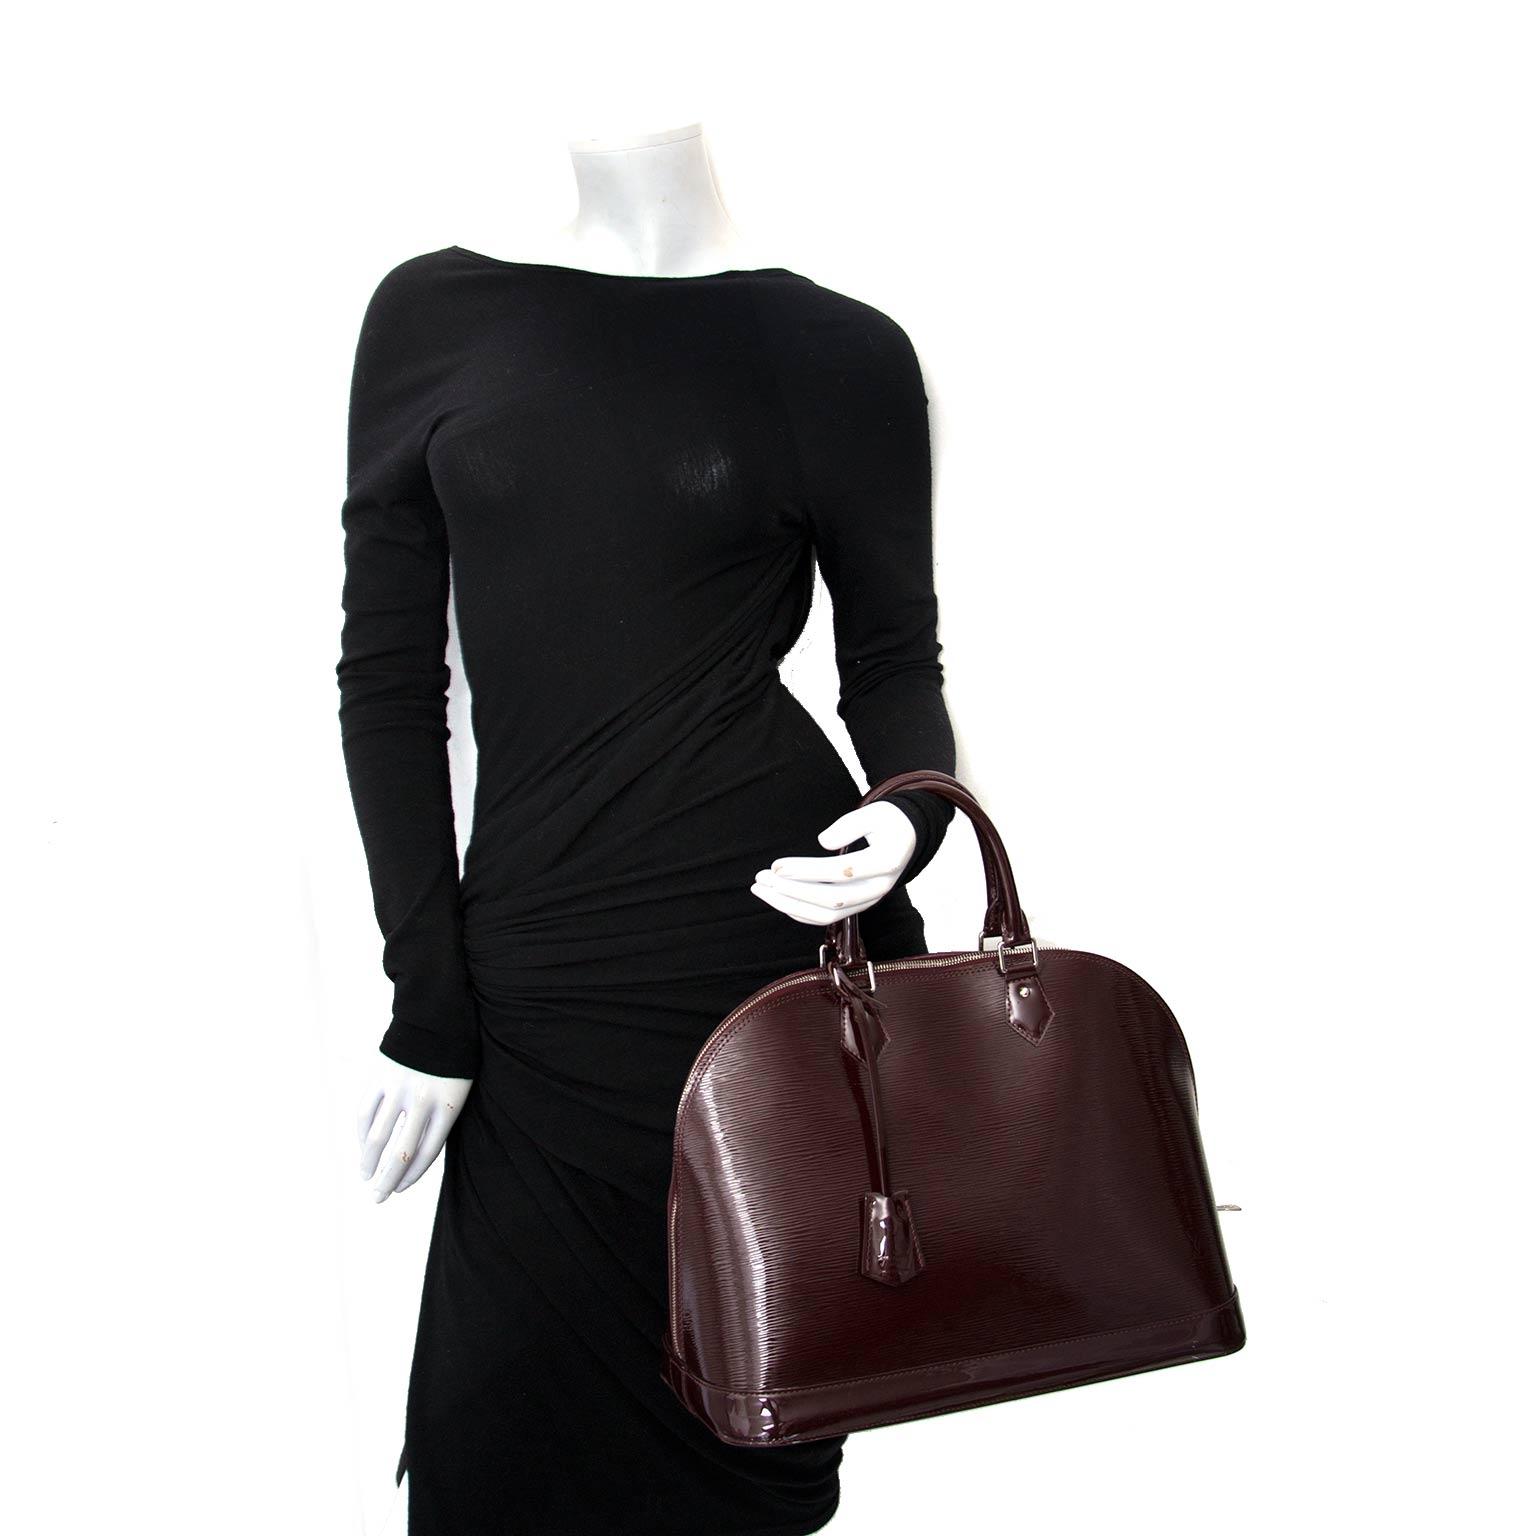 f169435ae96 ... koop online tegen de beste prijs jou tweedehands Louis Vuitton Alma Epi  Prune MM